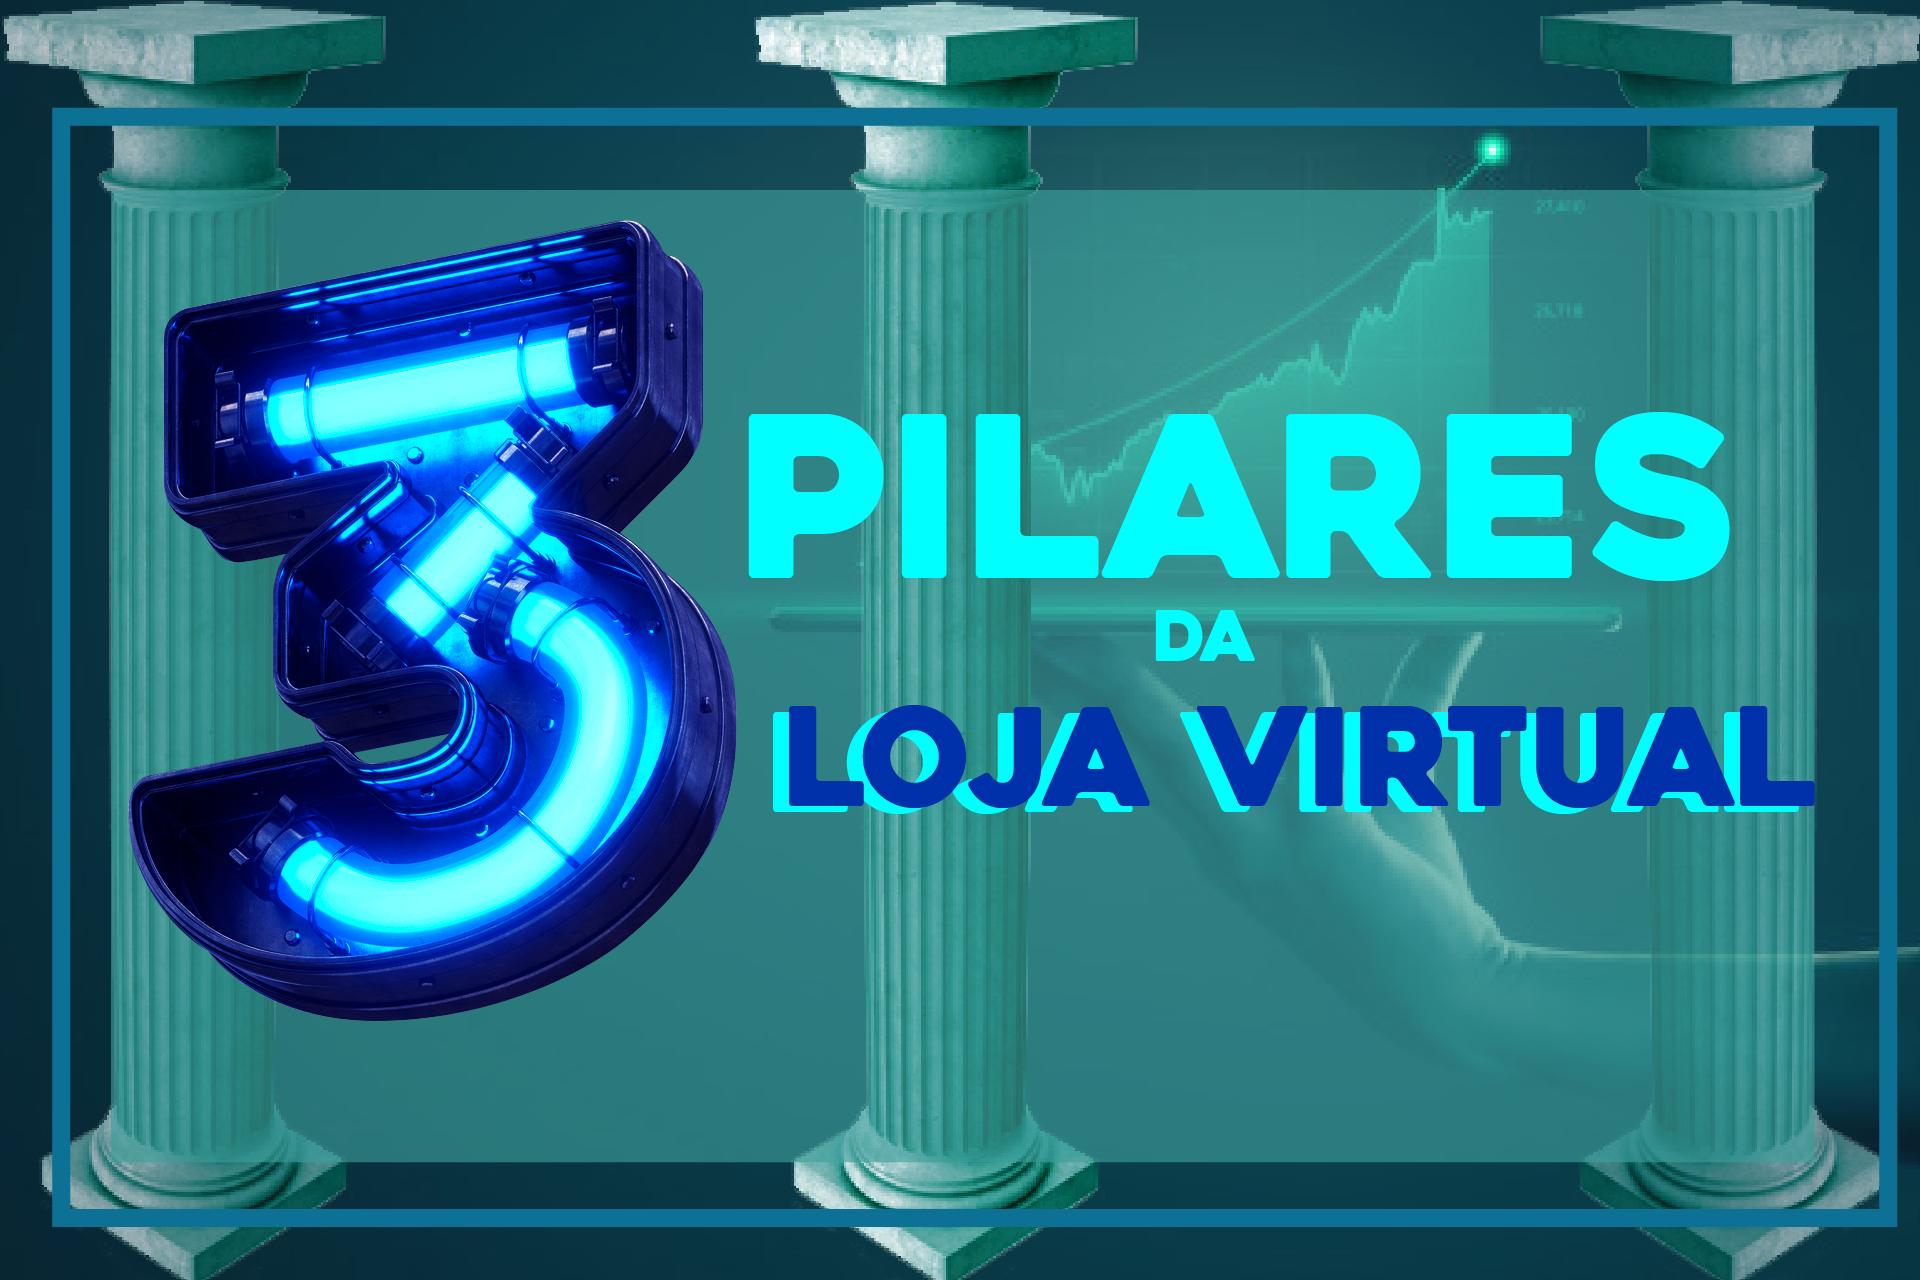 OS 3 PILARES DE UMA LOJA VIRTUAL DE SUCESSO